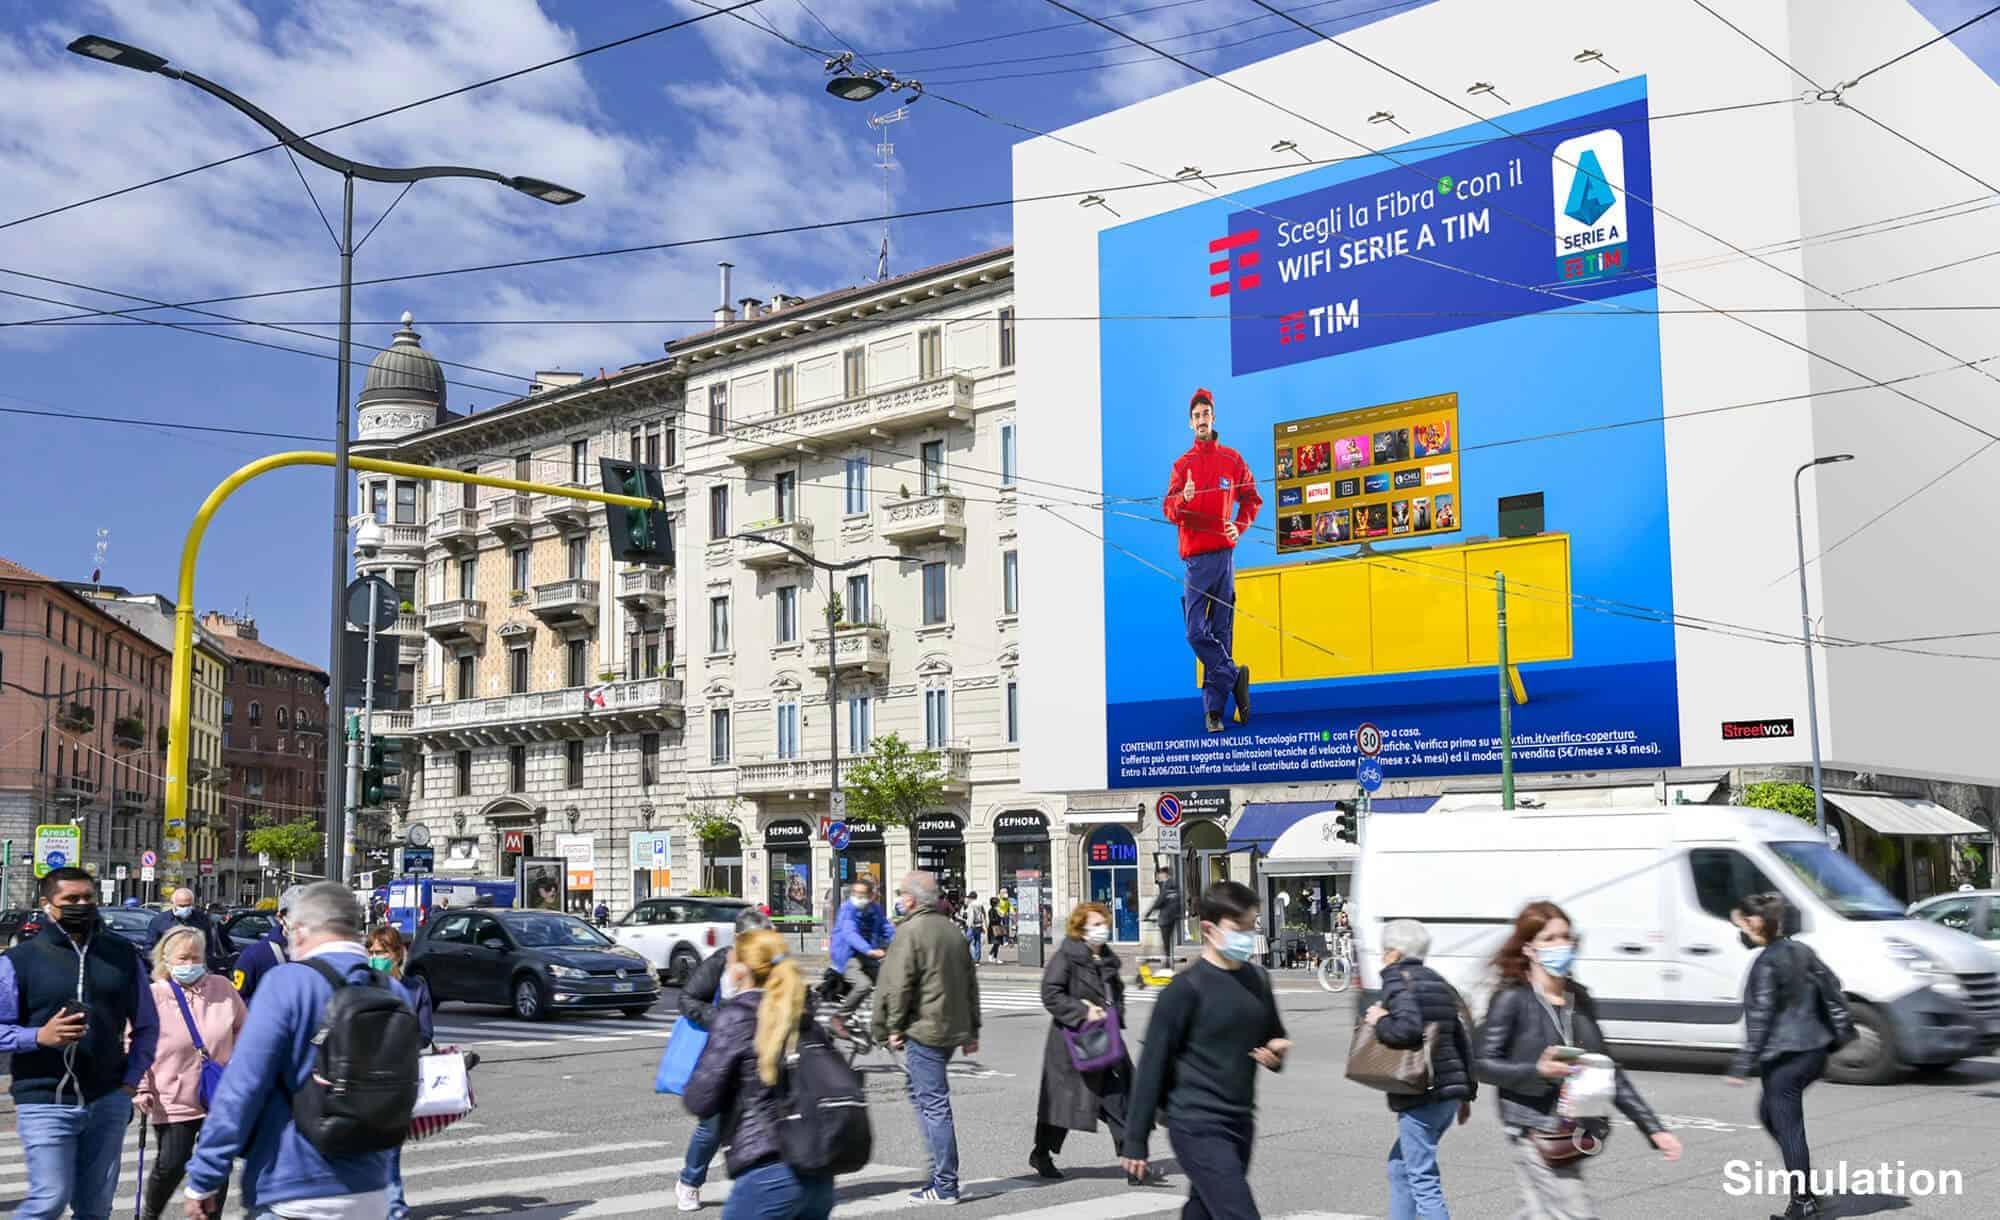 Maxi Affissione a Milano in Via Palestrina 1 con TIM (telco)